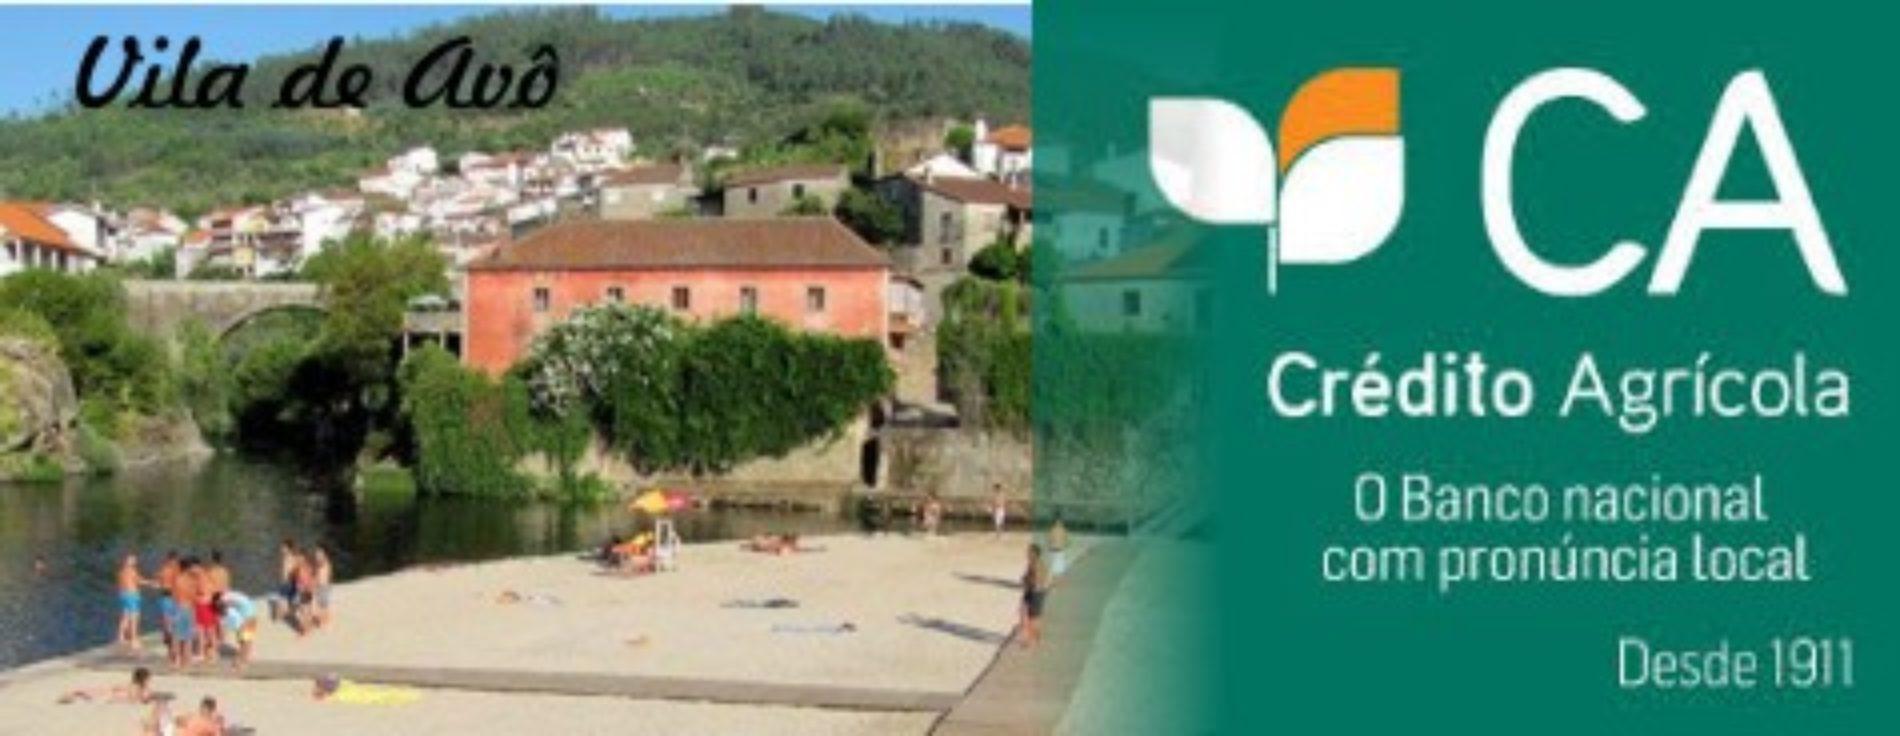 Agência da Caixa de Crédito Agrícola, em Avô, abre portas para que a população possa levantar dinheiro e reformas